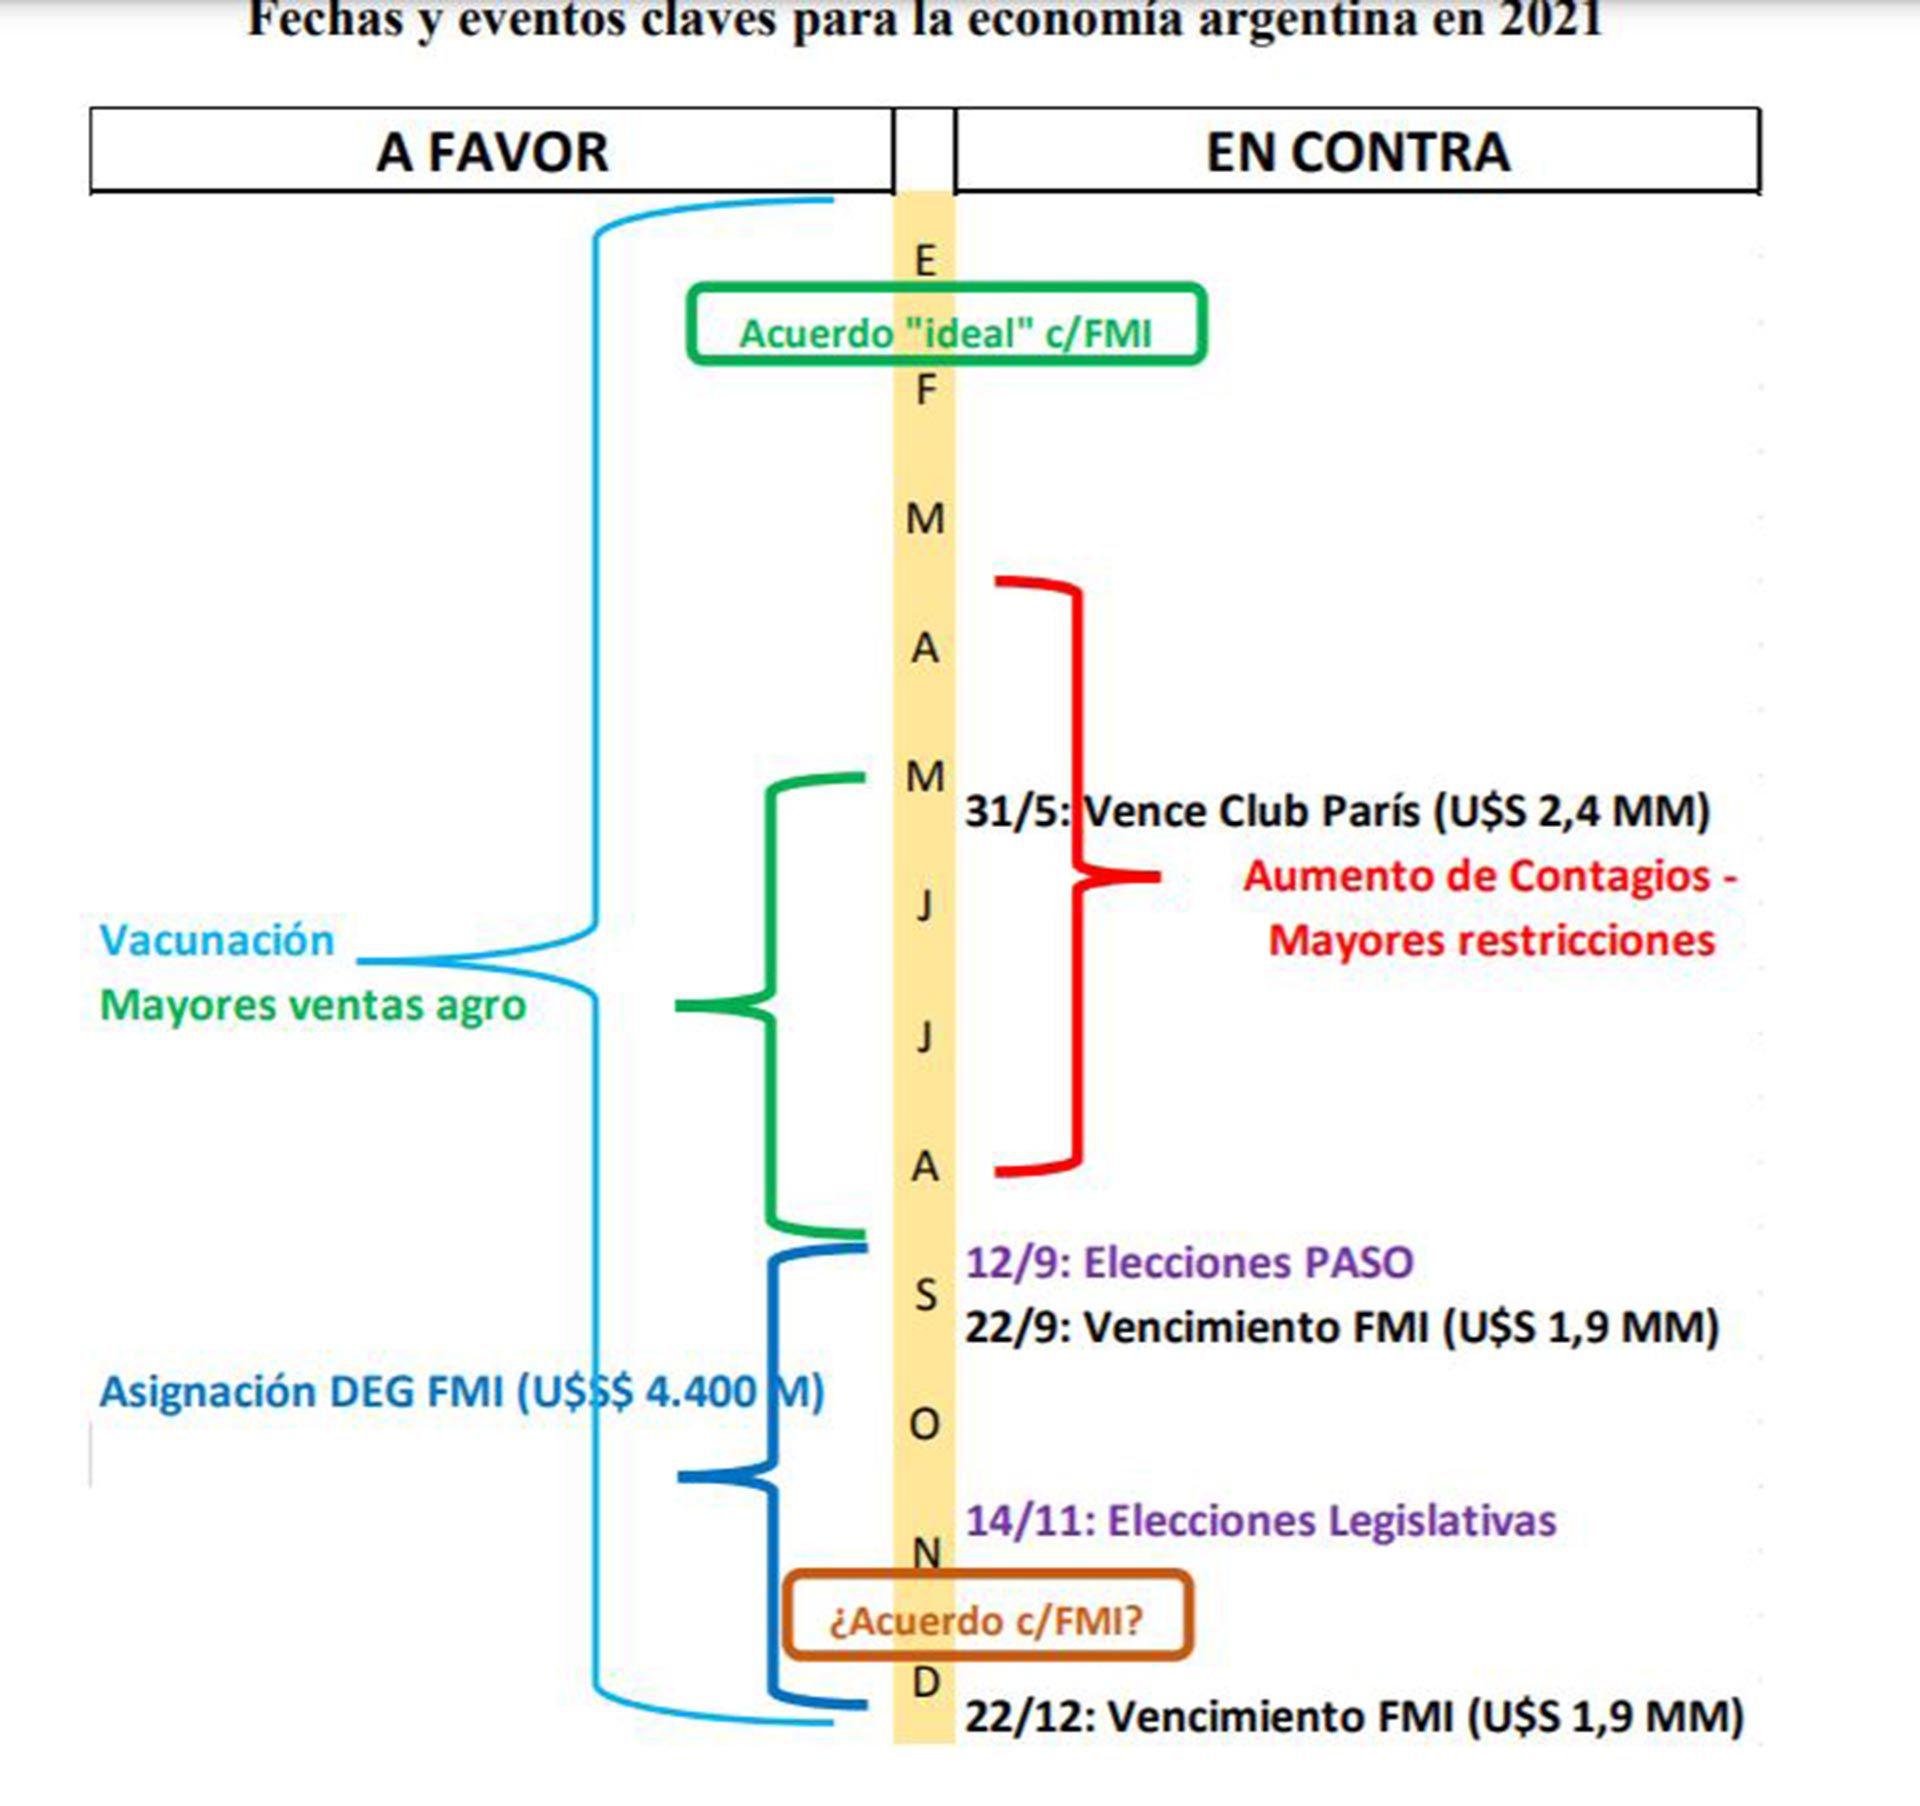 Ieral Fiscal Monetario 2021 Proyecciones Capello